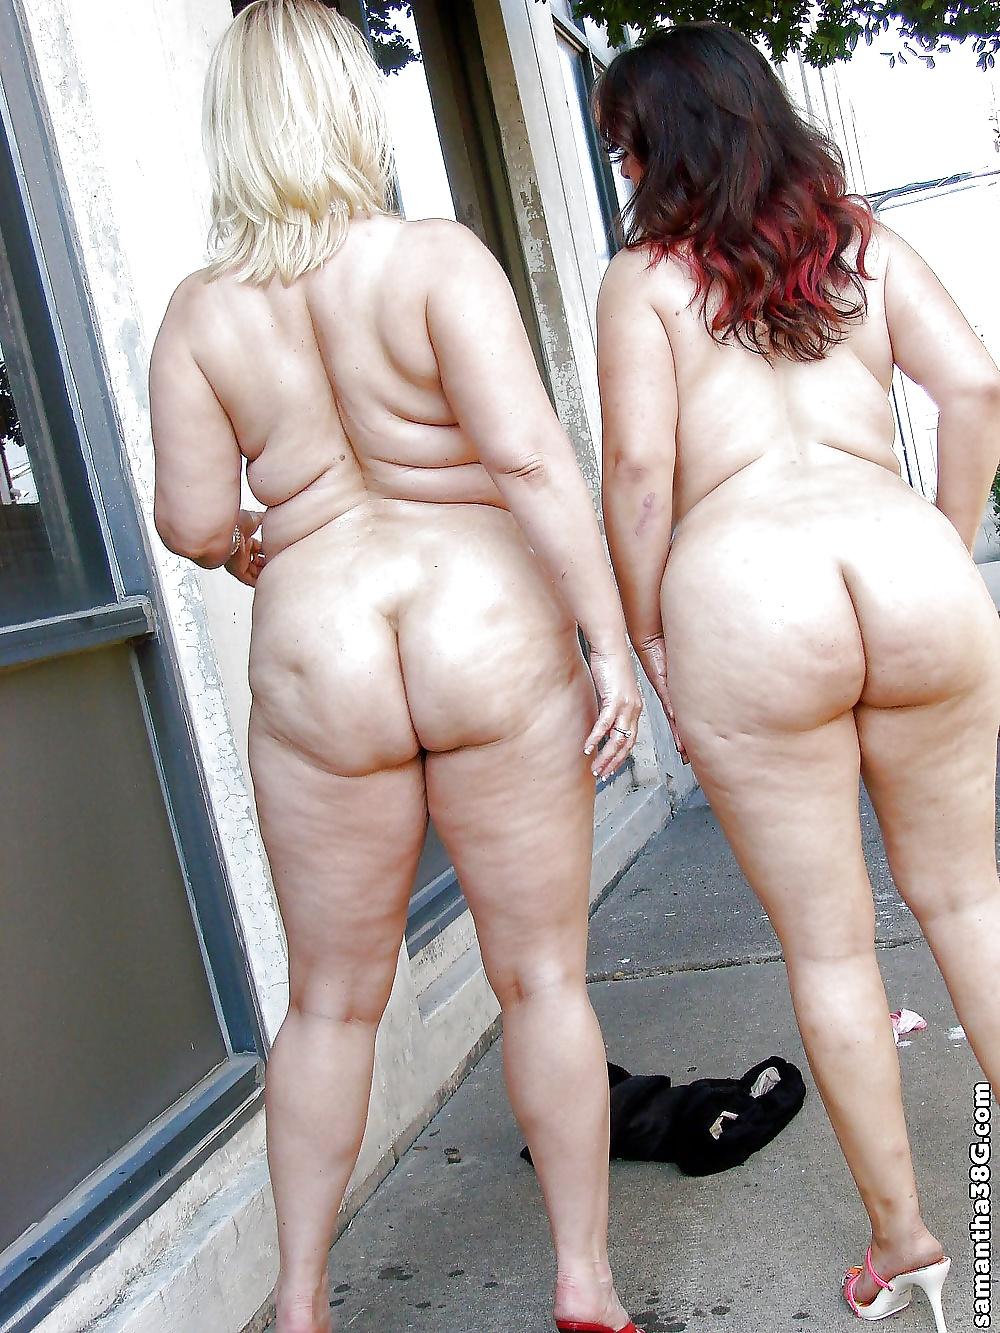 Big ass old moms nude